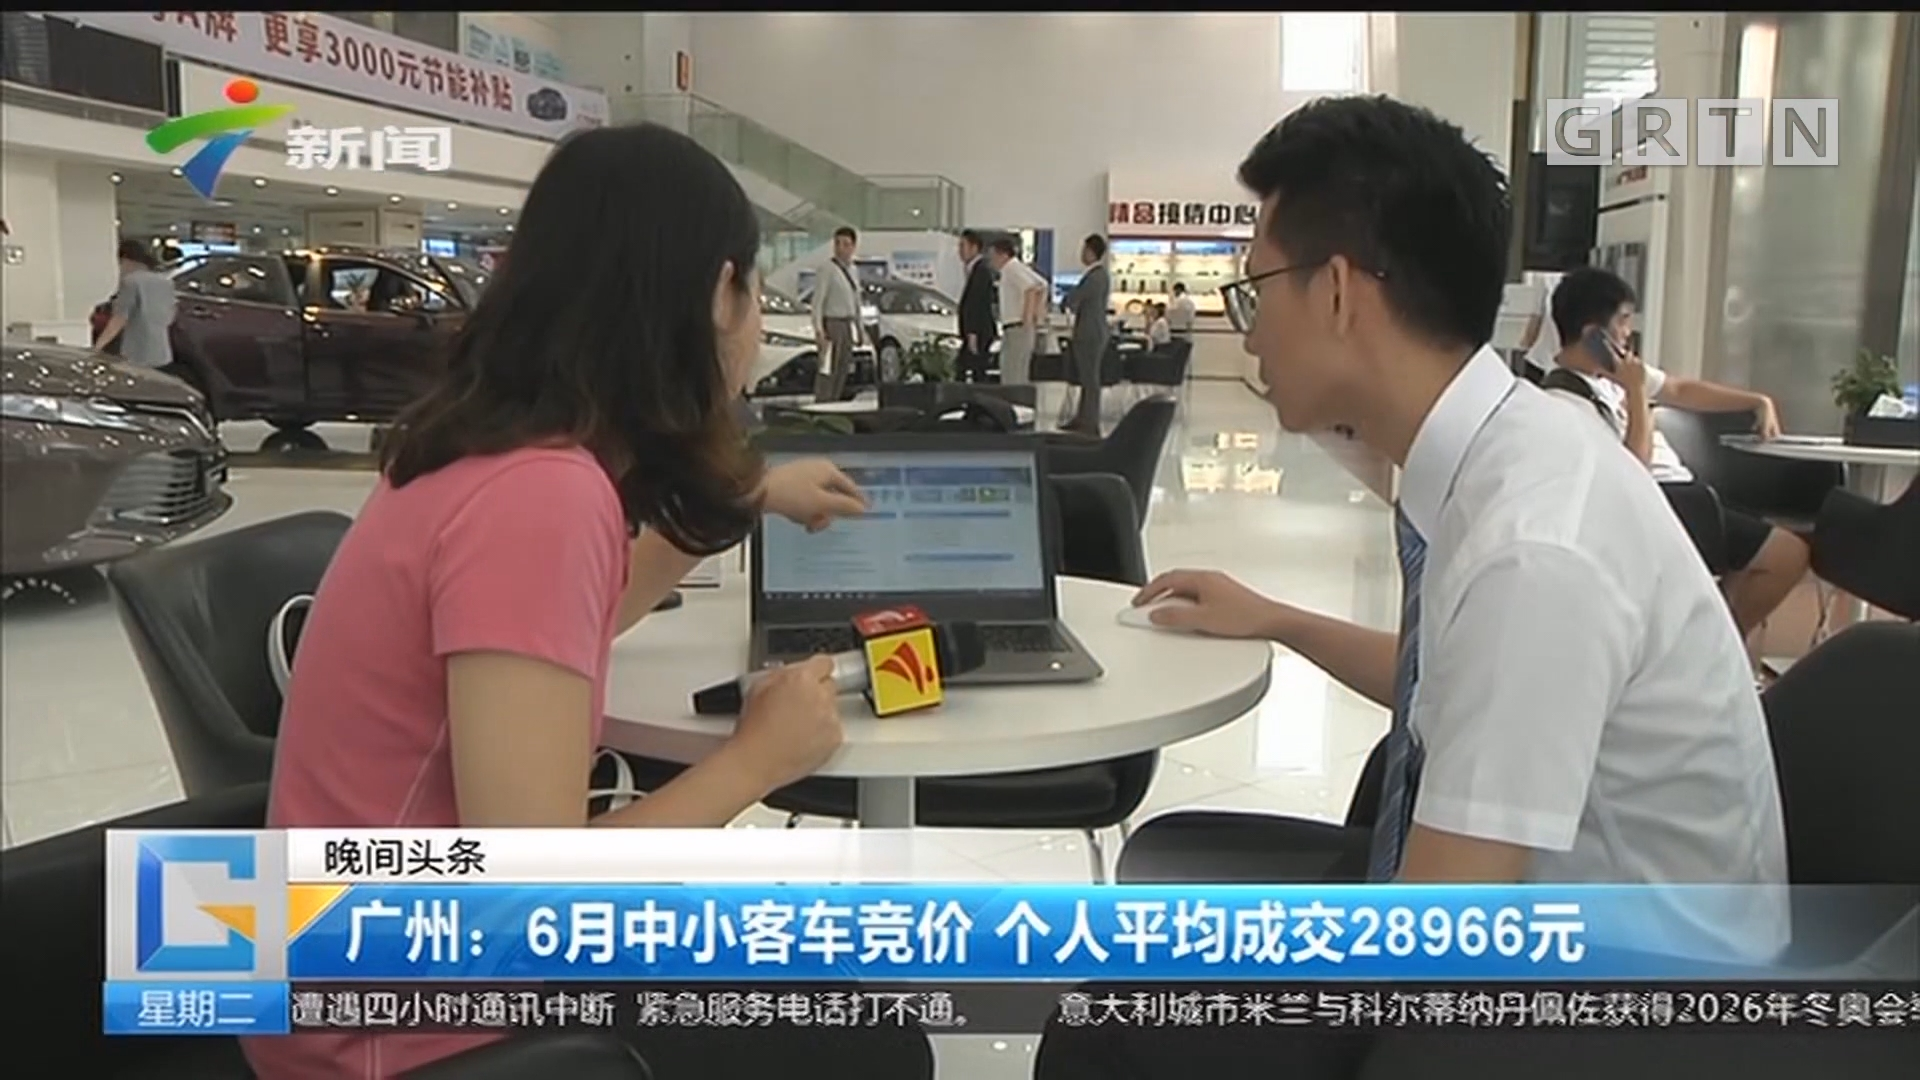 广州:6月中小客车竞价 个人平均成交28966元年